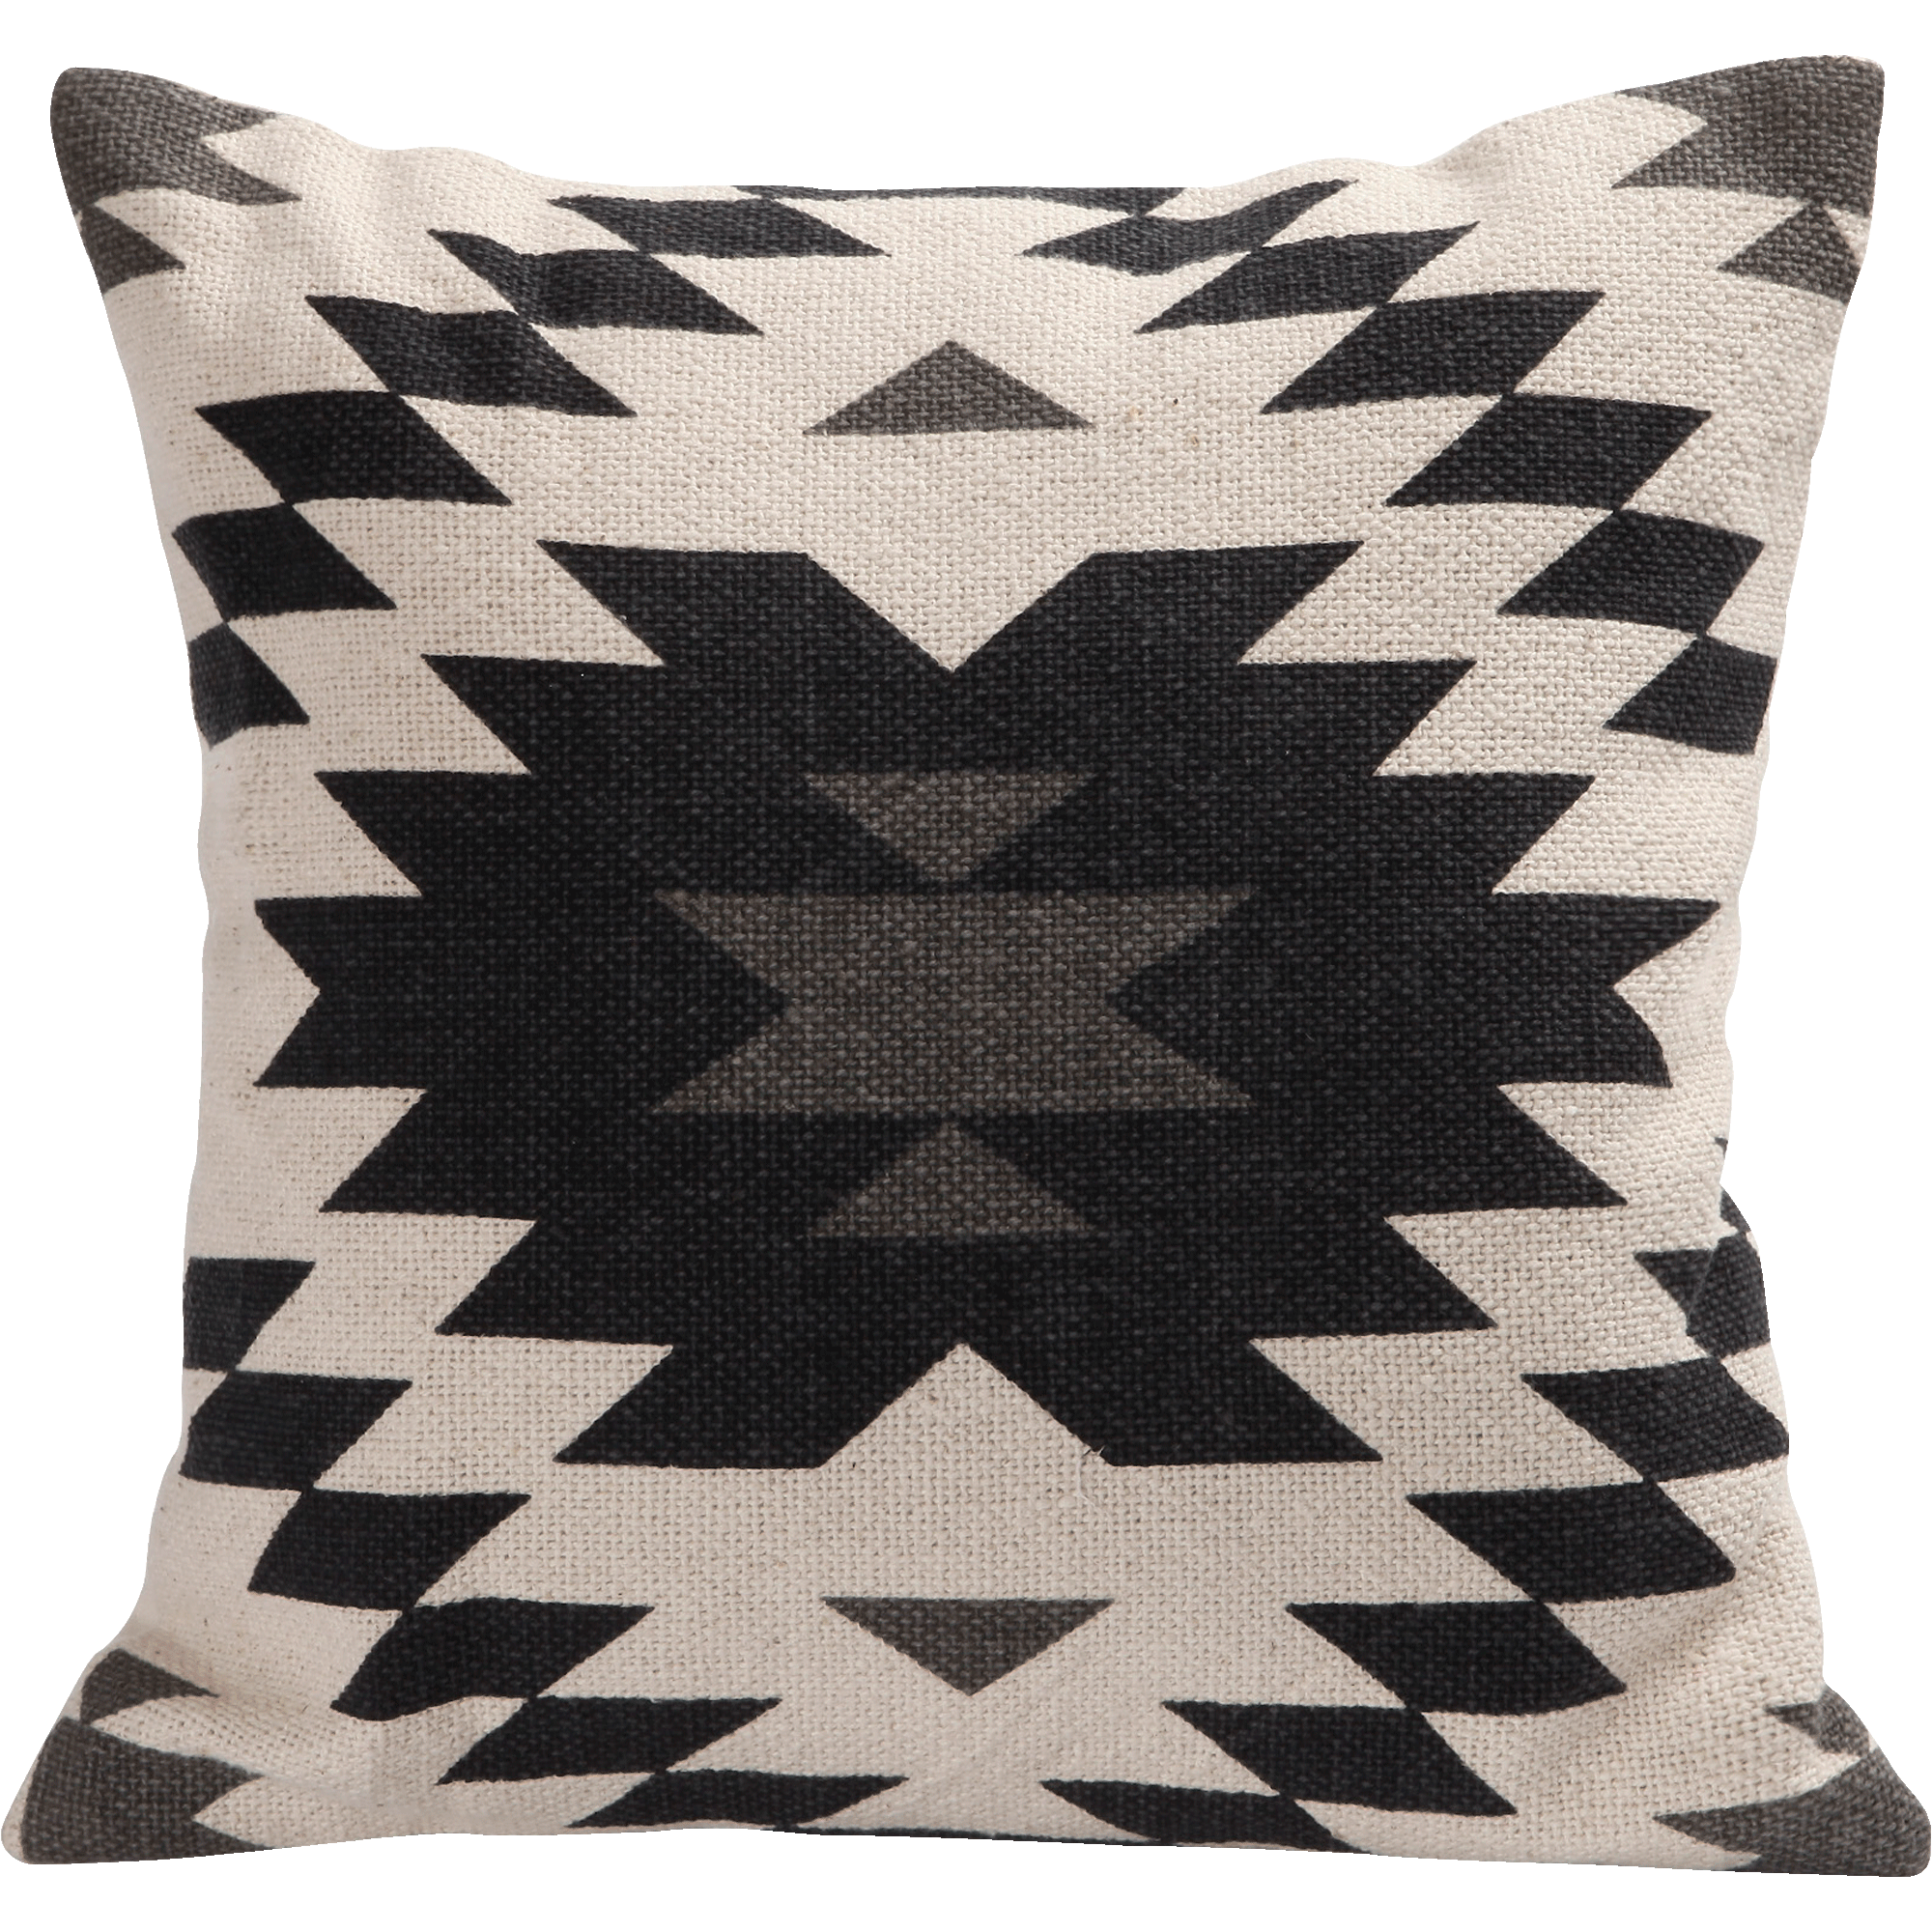 Coussin en coton motifs aztèques noirs 40